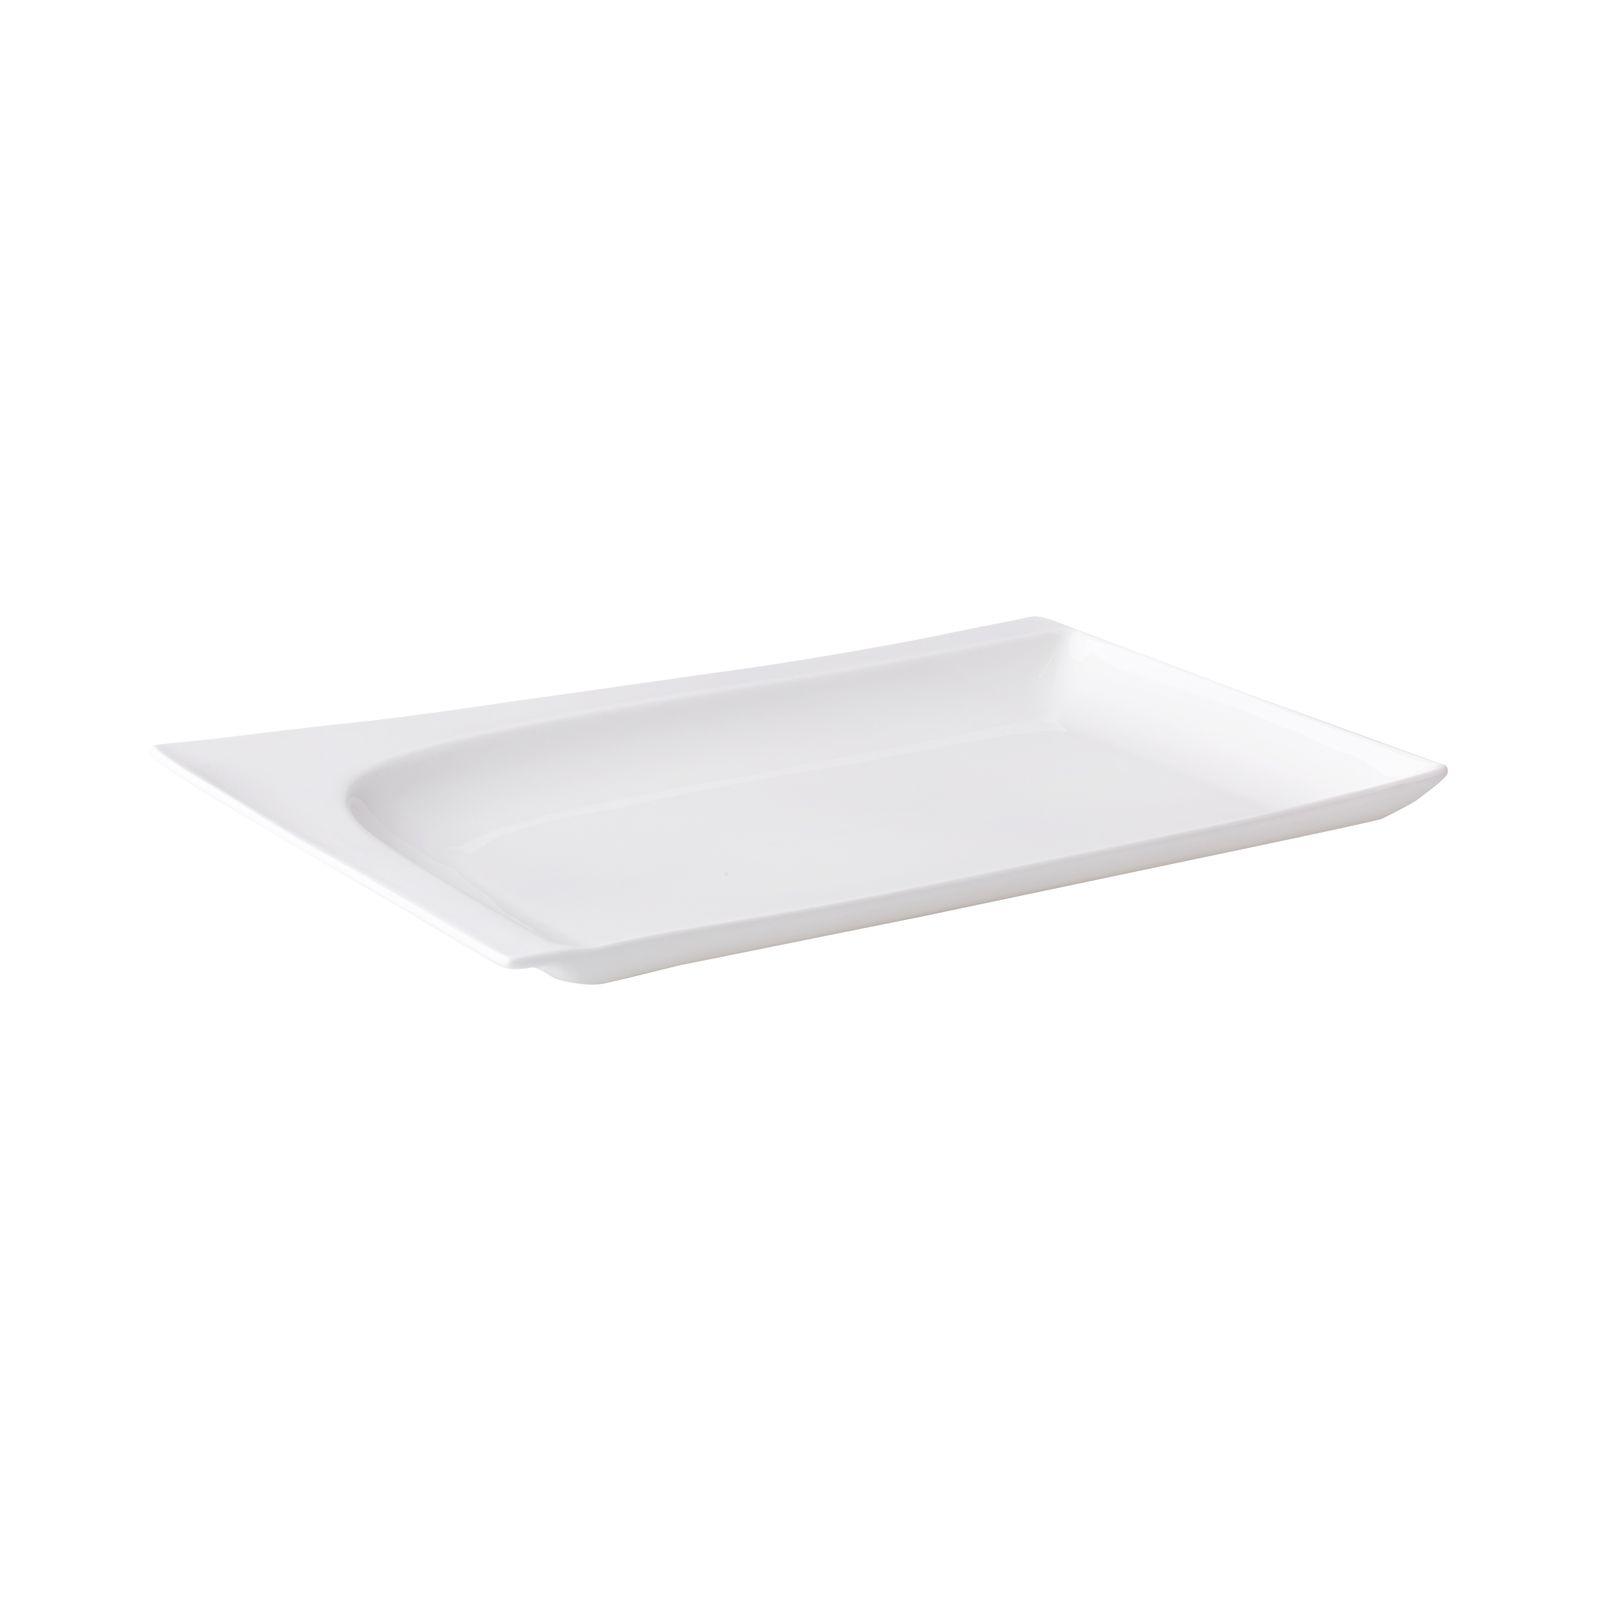 Platter Monaco 35,5 x 22 cm AMBITION